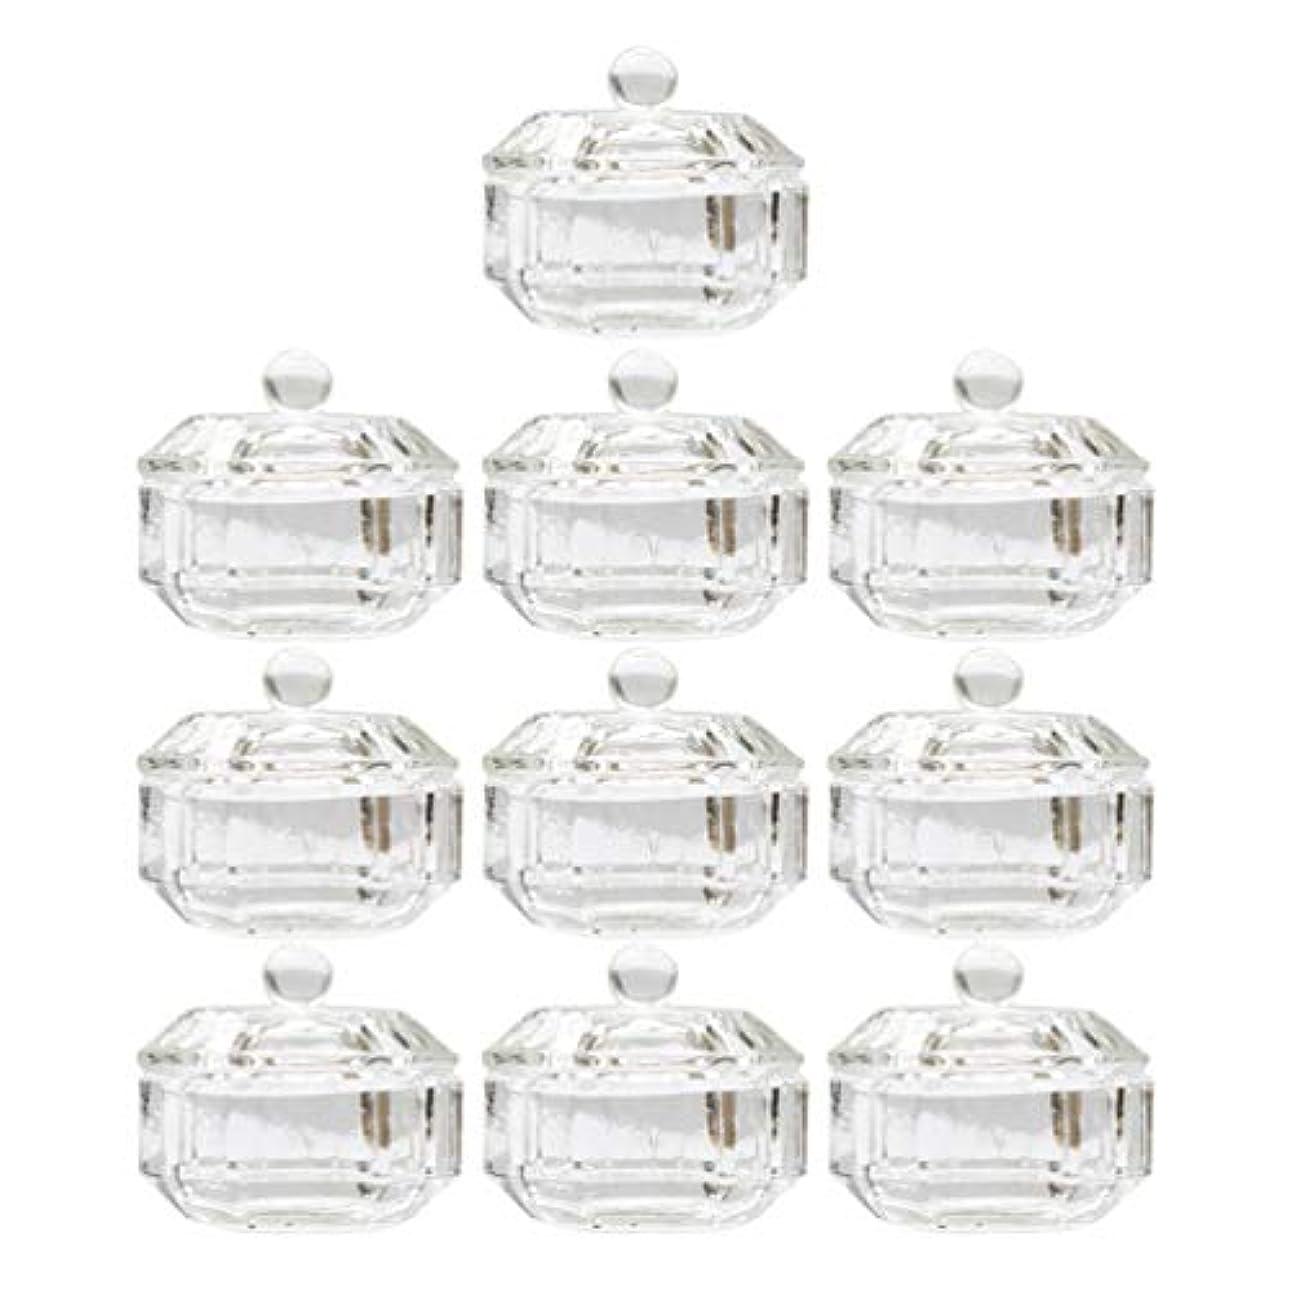 想定安心首謀者Lurrose 10ピースネイルアクリル液体カップアクリル液体粉末ダッペン皿ガラスクリスタルカップガラス製品ツール用蓋容器付きネイルアート